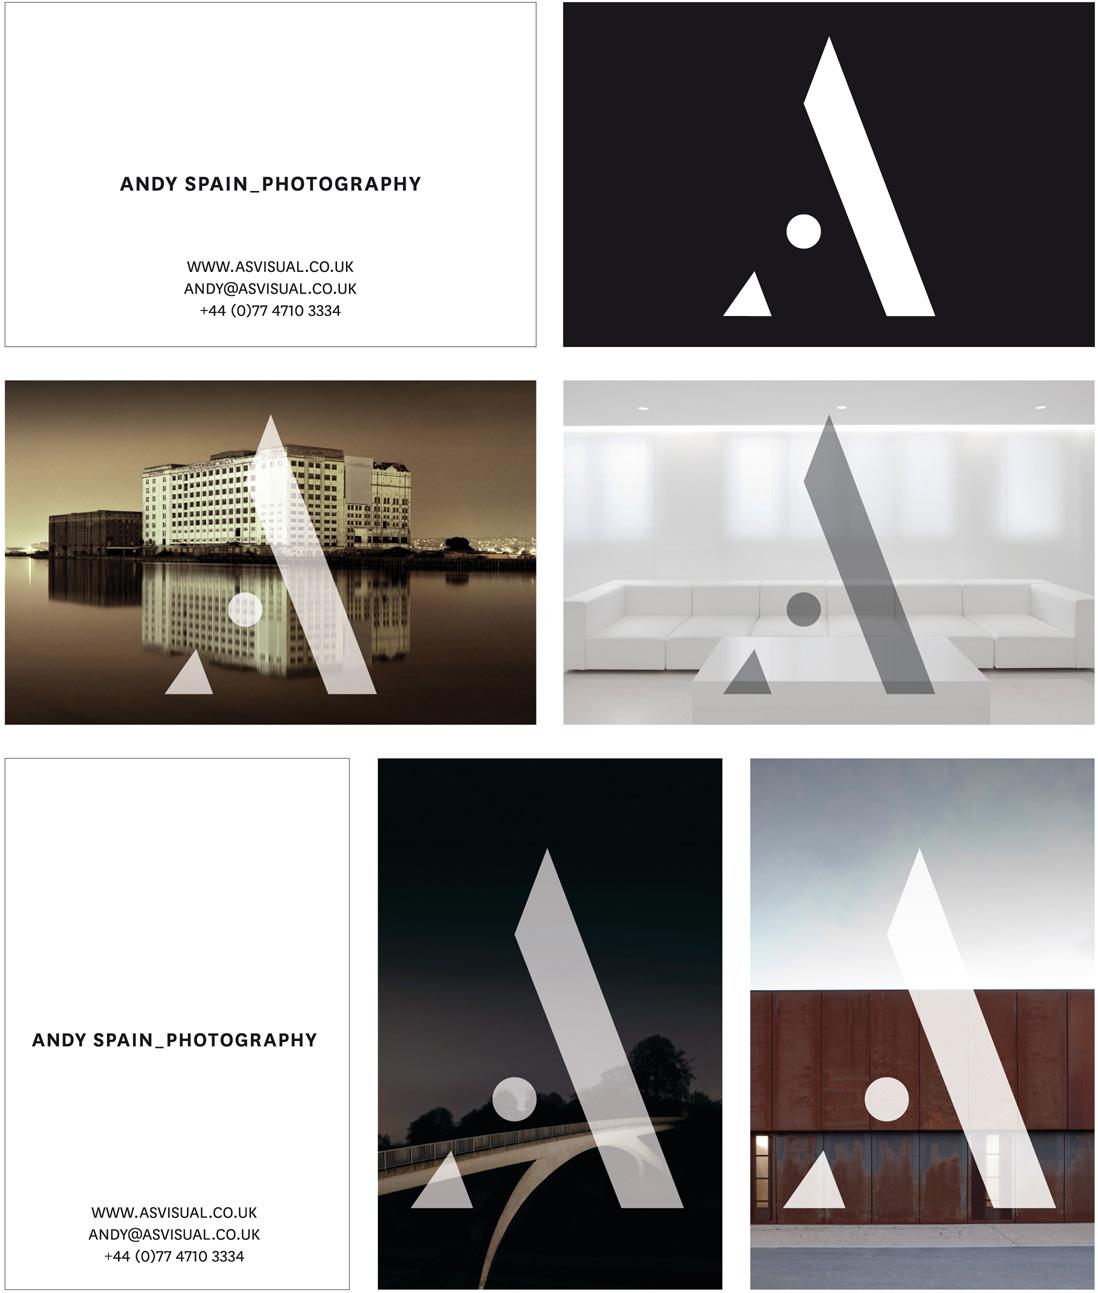 2013-07-31-PRESSRELEASENewidentitydesignforarchitecturalphotographer2small.jpg